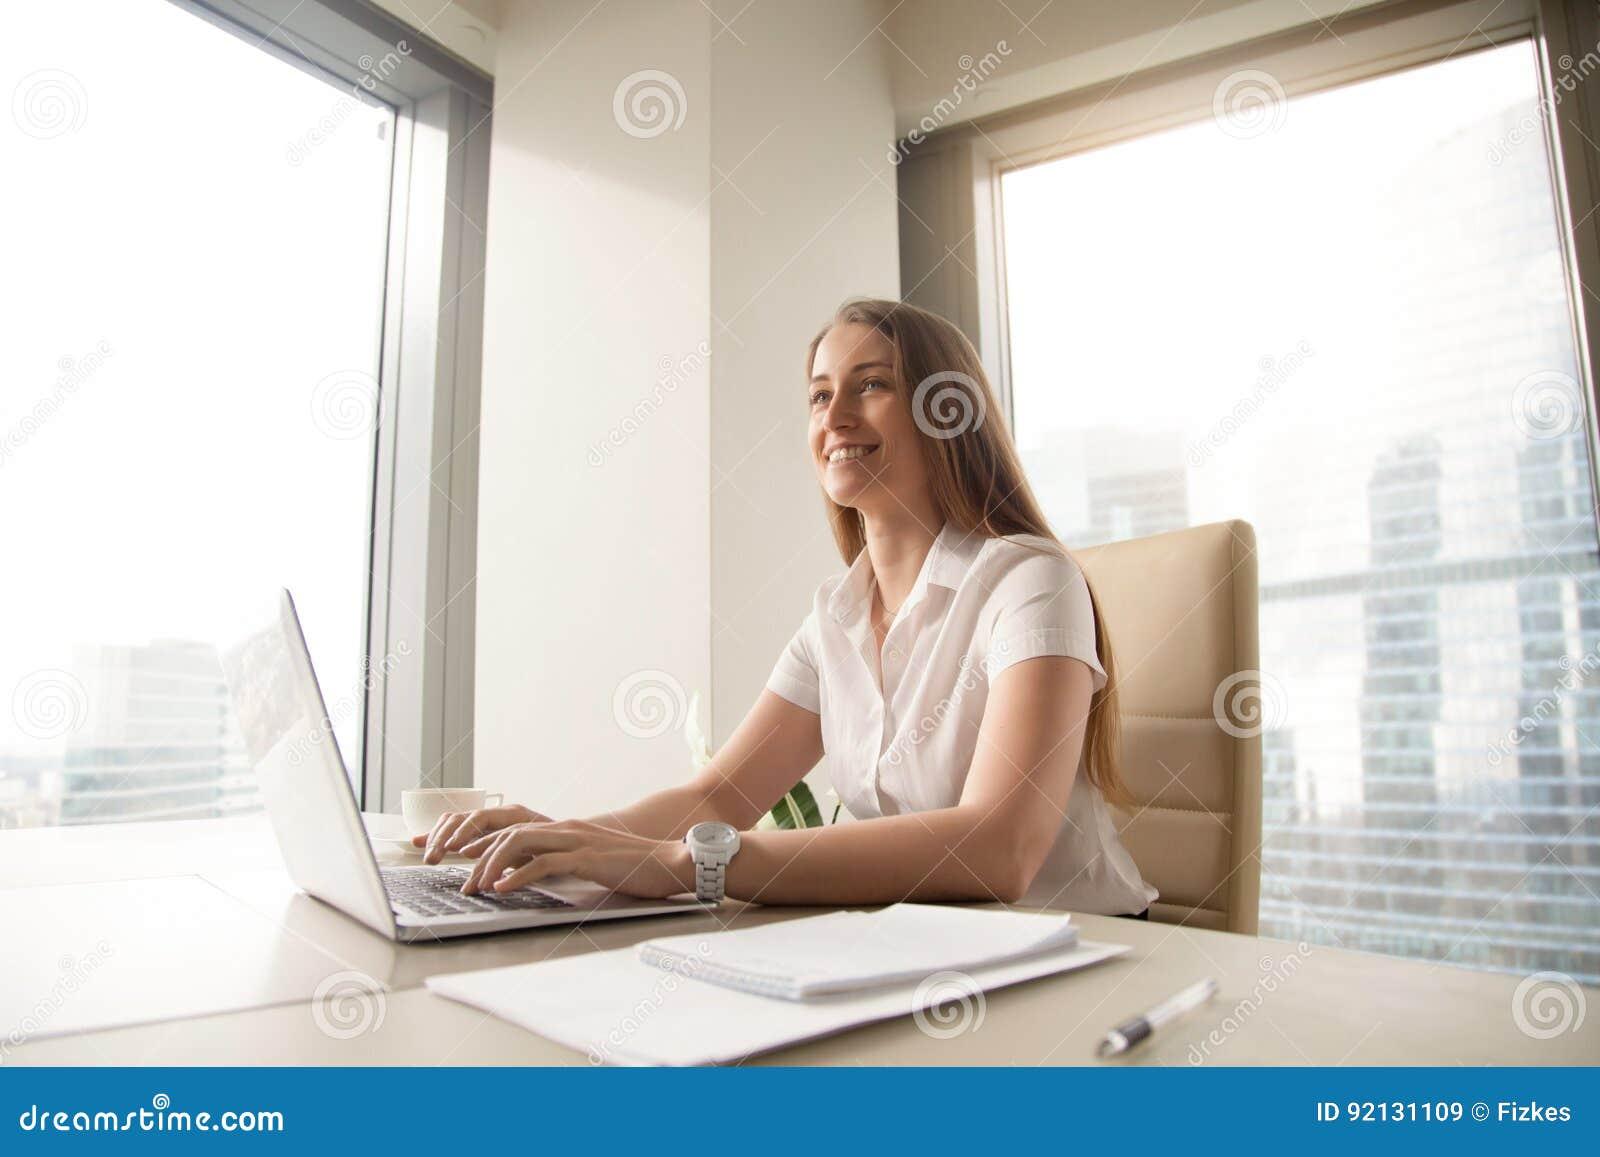 Ο νέος θηλυκός επιχειρηματίας αισθάνεται ευτυχής στον εργασιακό χώρο